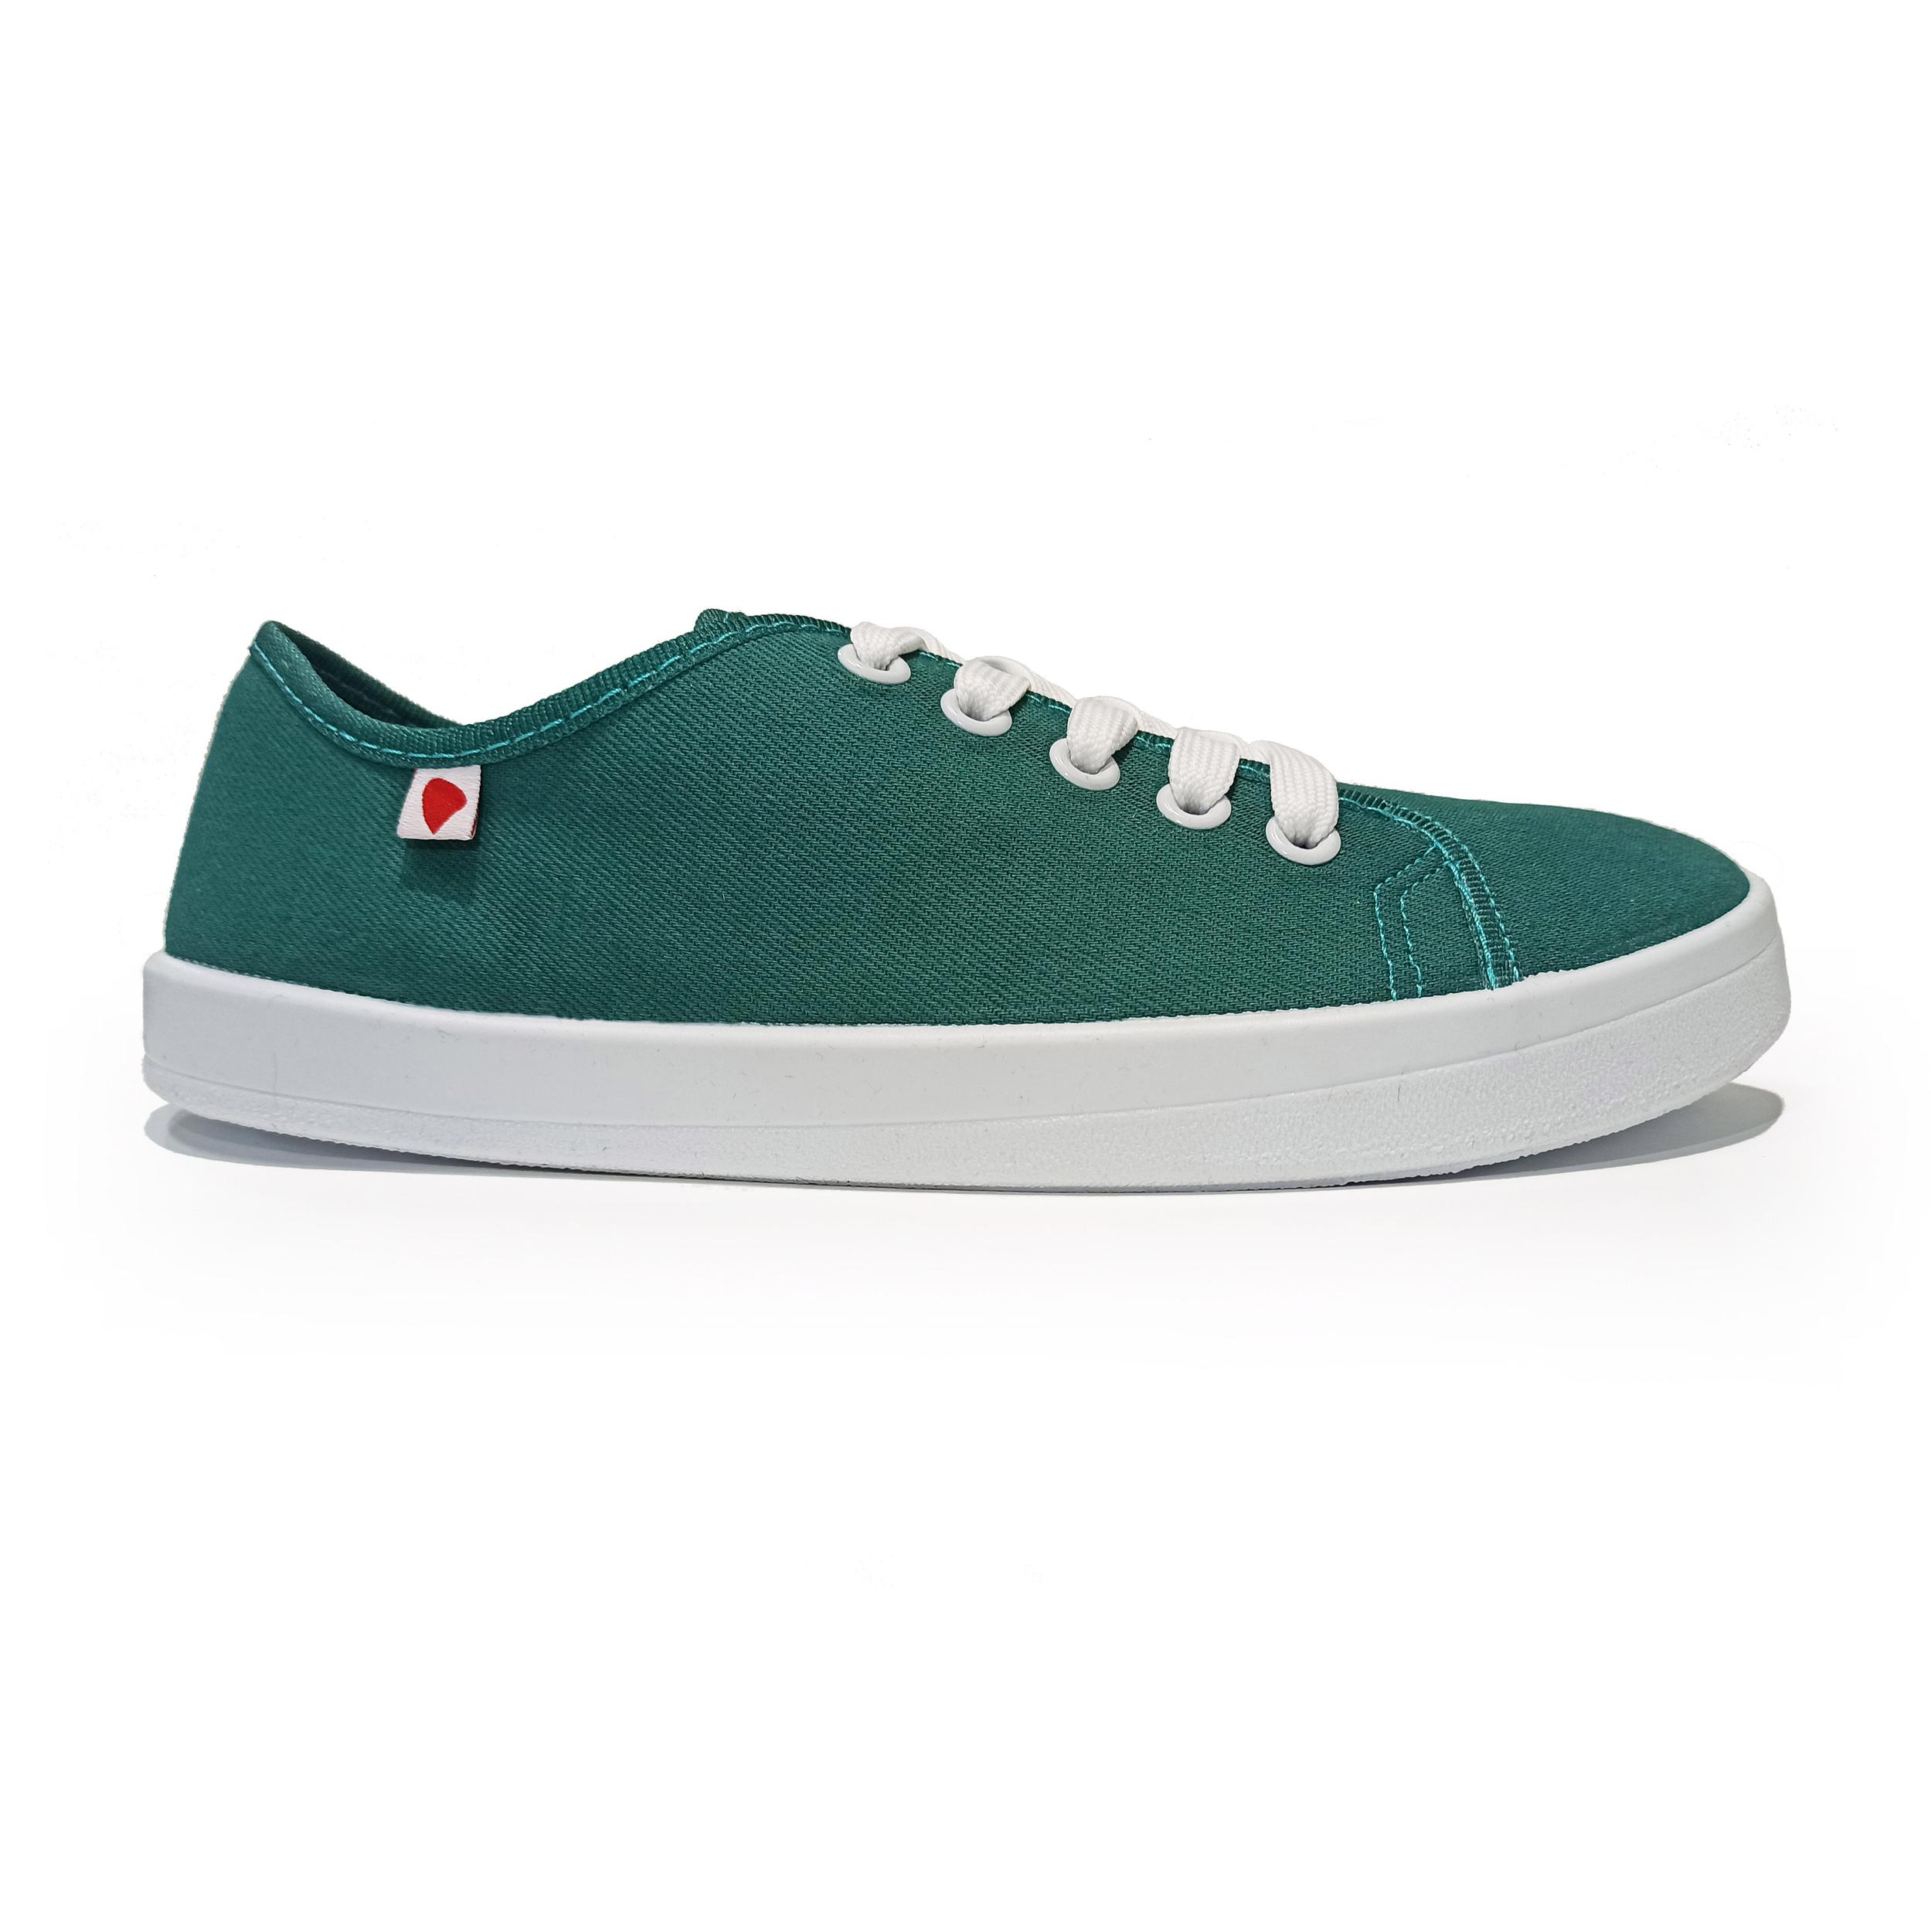 basket anatomic all in verte à semelle blanche sur la boutique liberty pieds